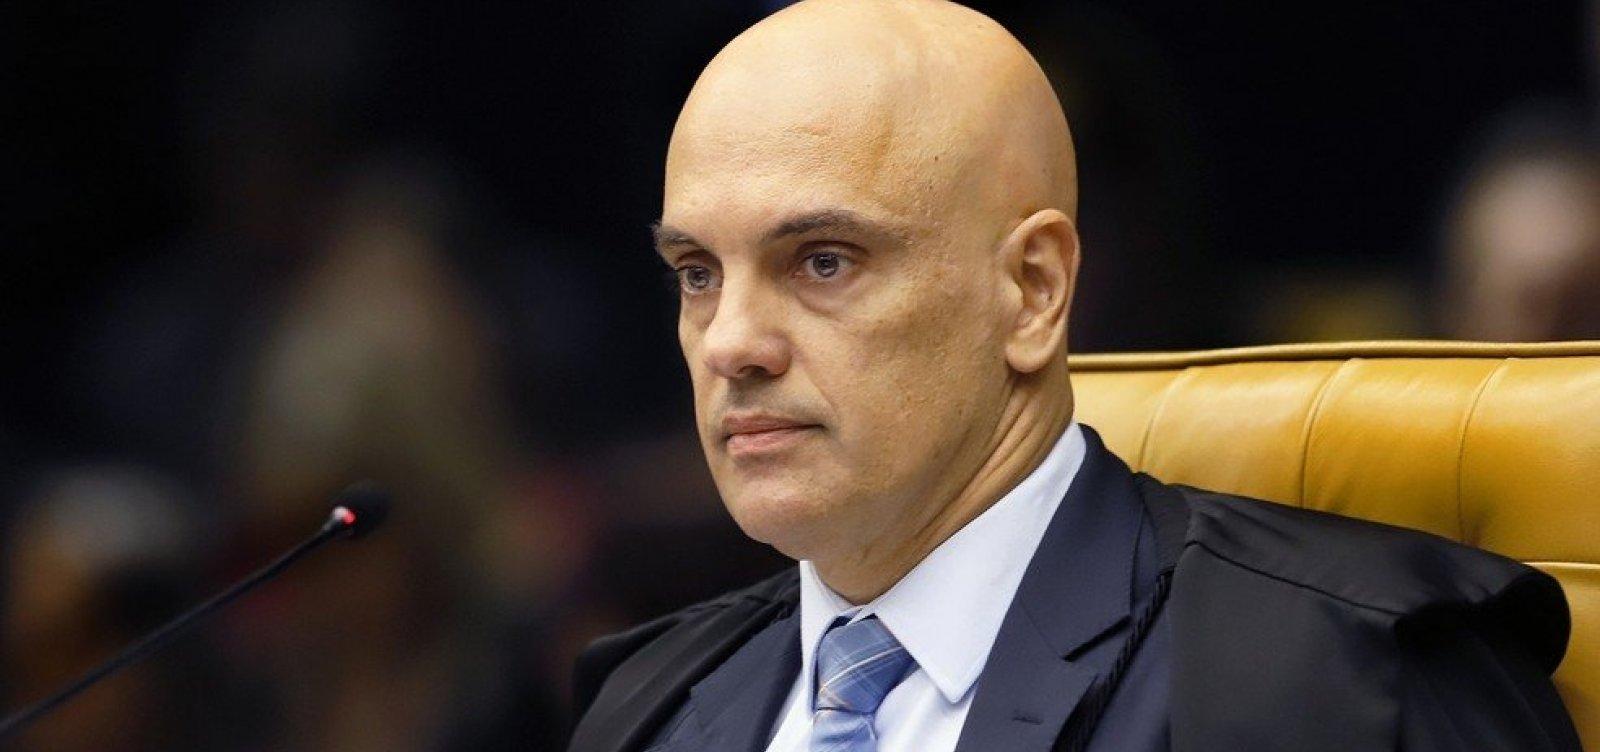 [Ministro Alexandre de Moraes é diagnosticado com Covid-19]